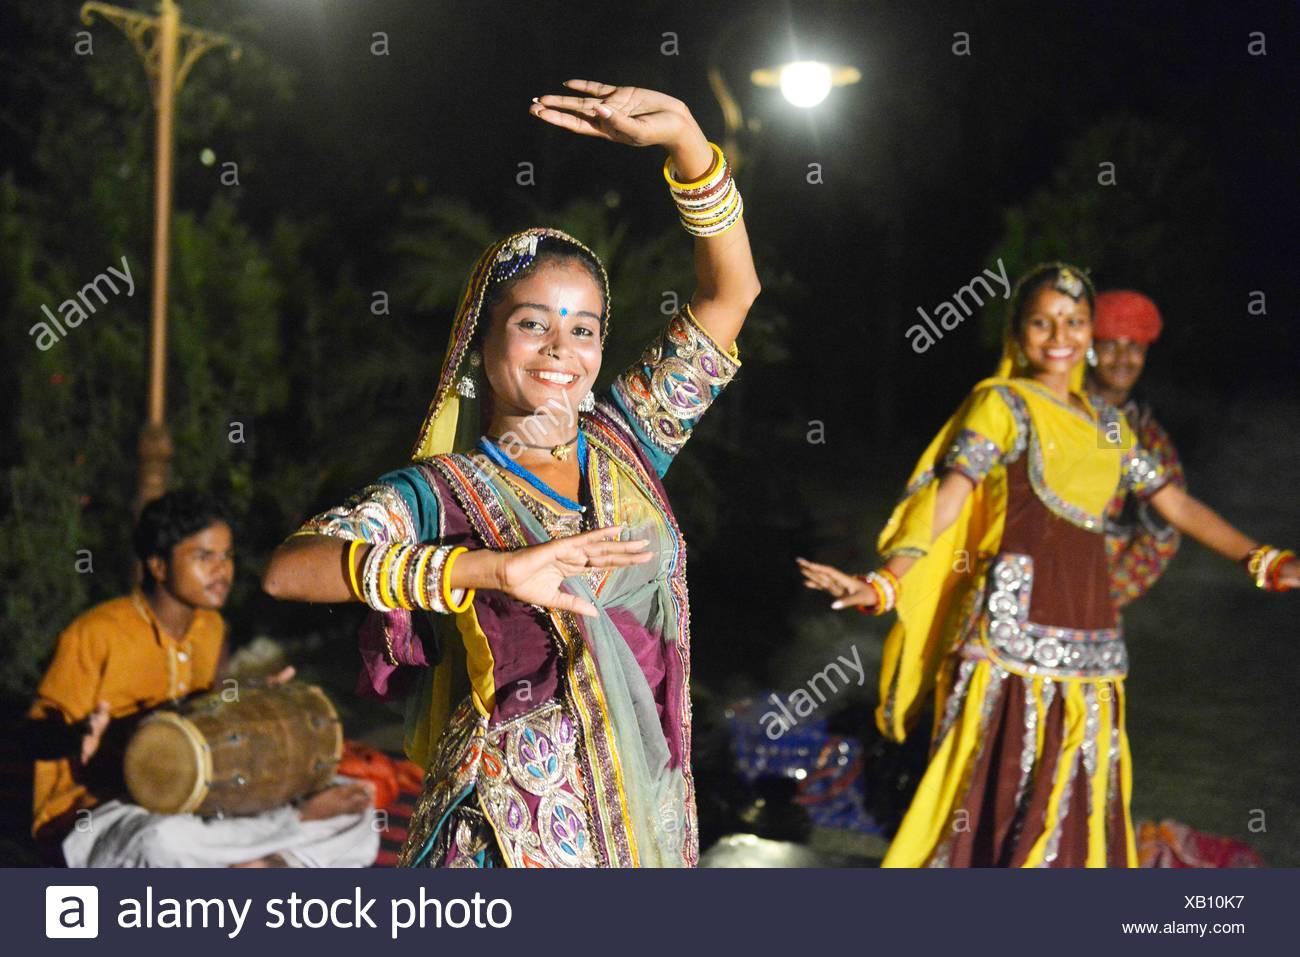 Danse traditionnelle du Rajasthan à Jaipur, Rajasthan, Inde. Banque D'Images